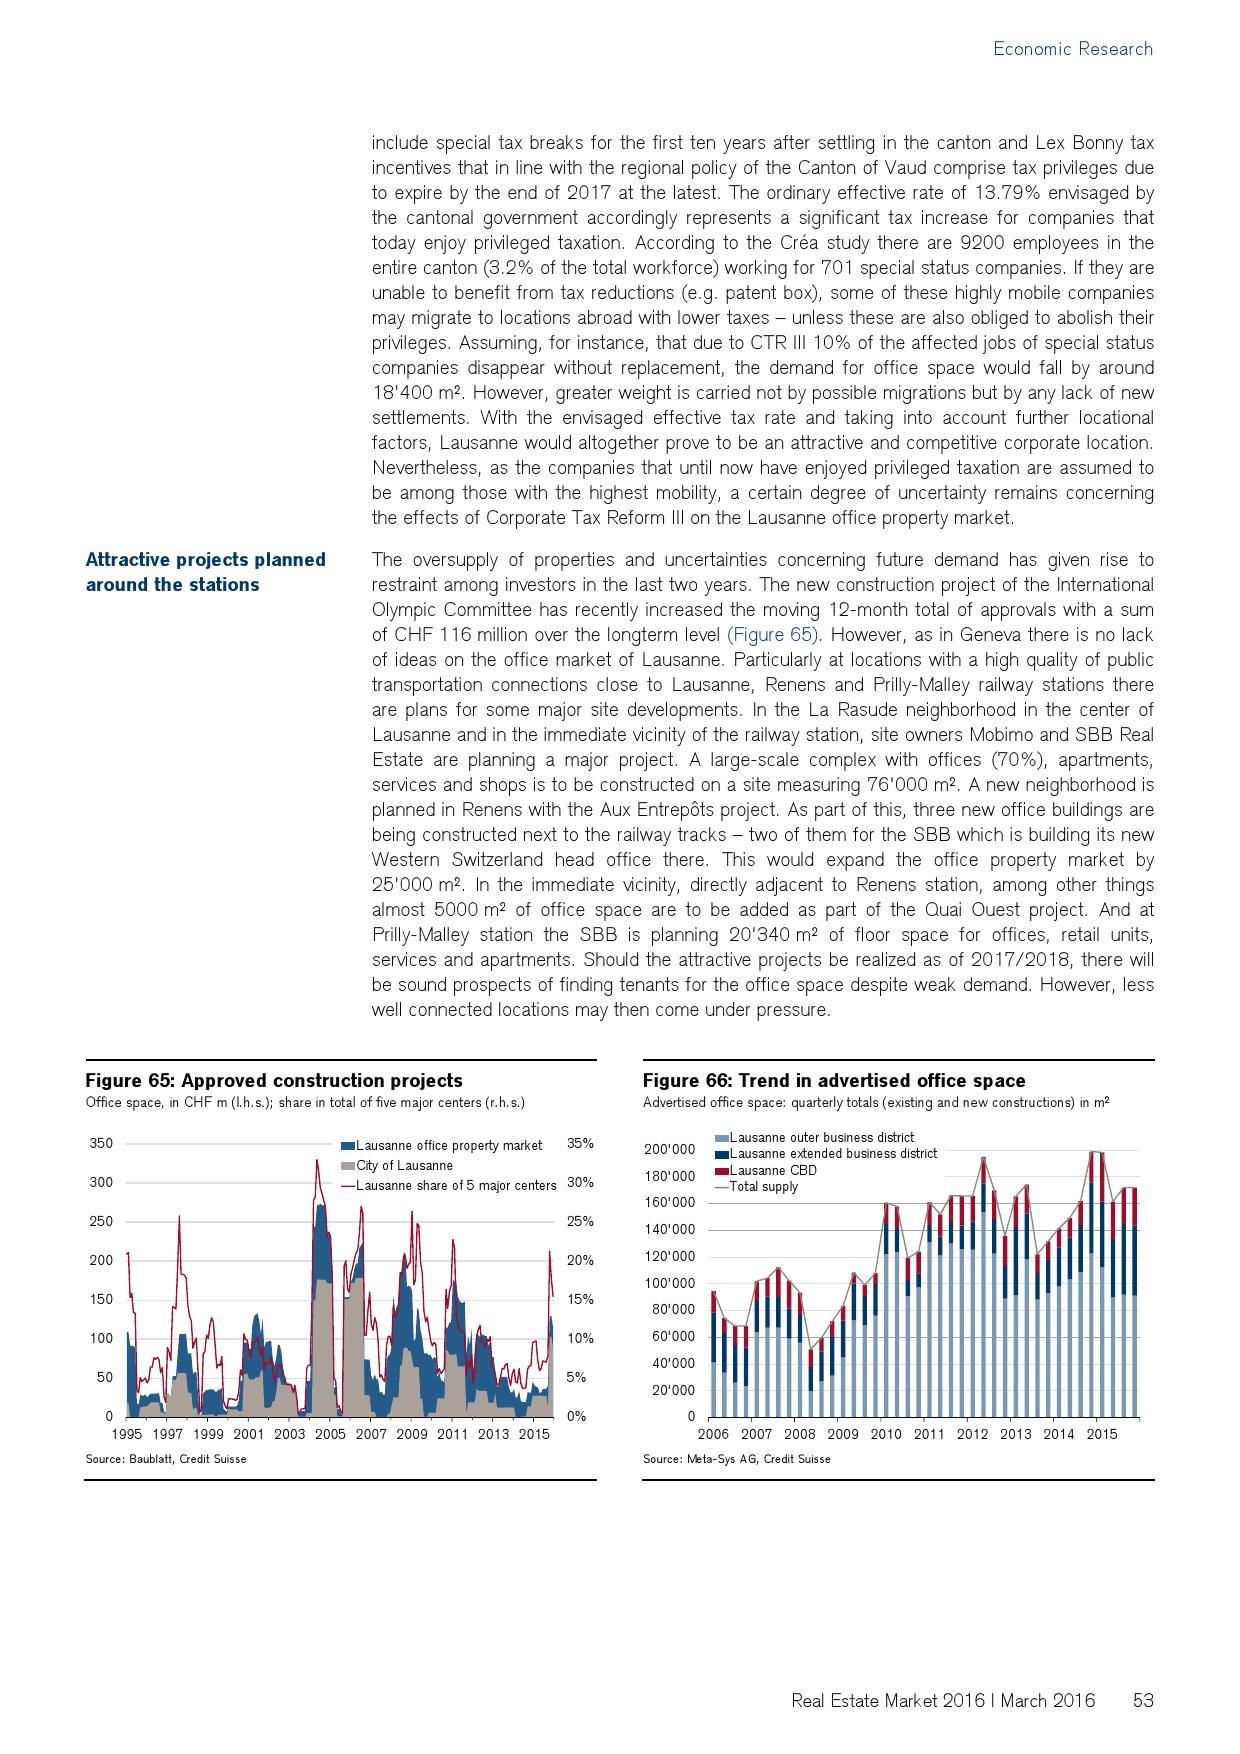 2016年瑞士房地产市场研究报告_000053